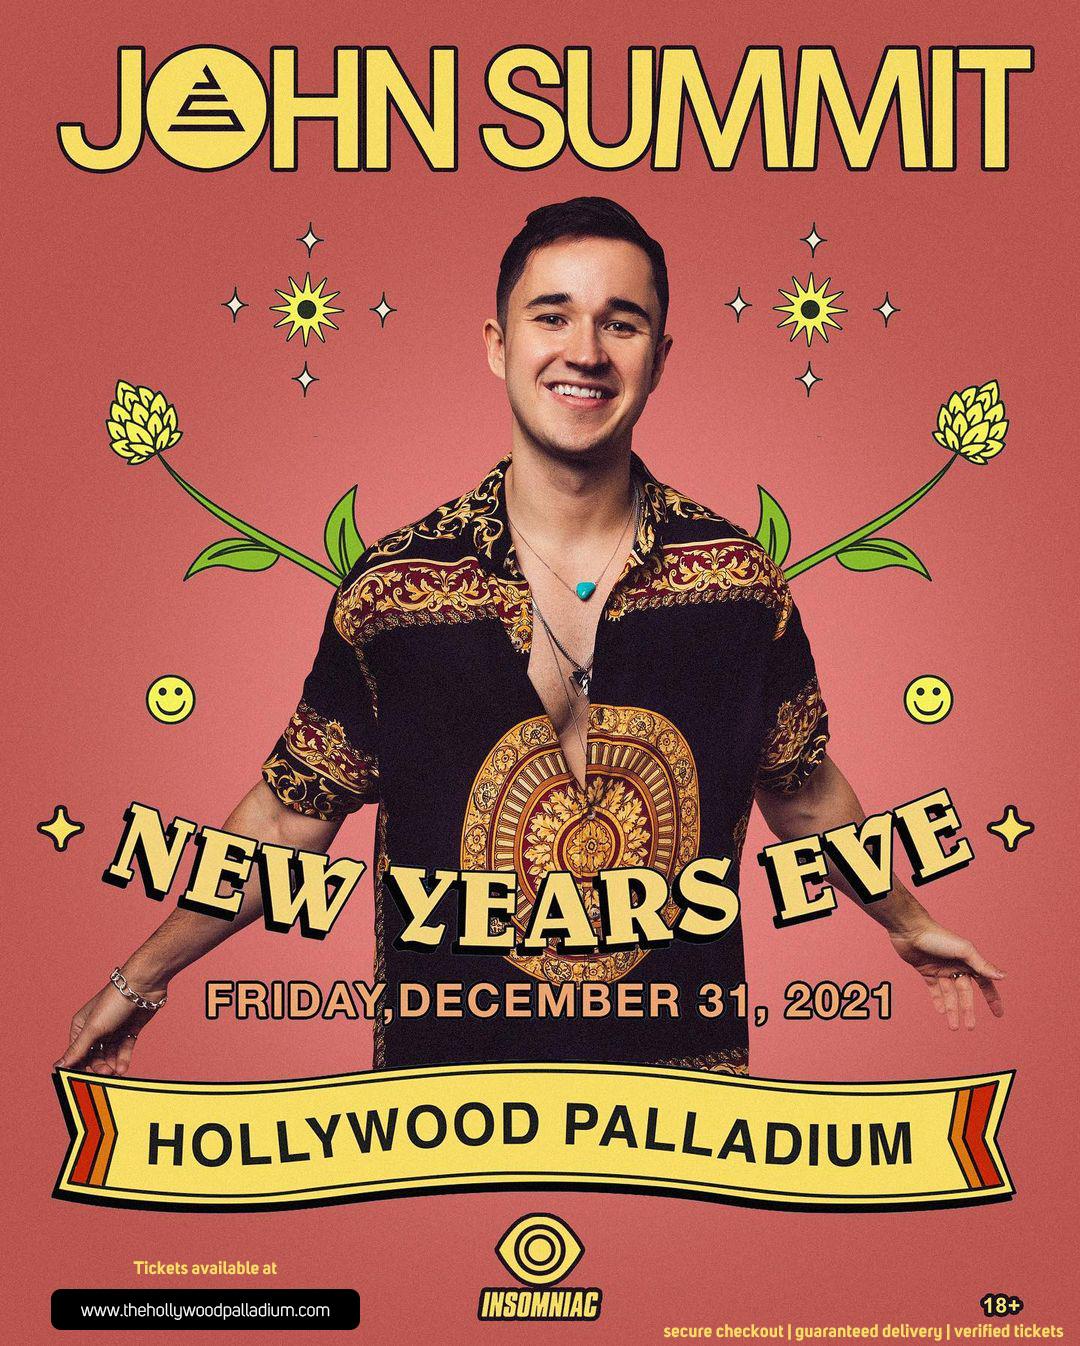 John Summit at Hollywood Palladium